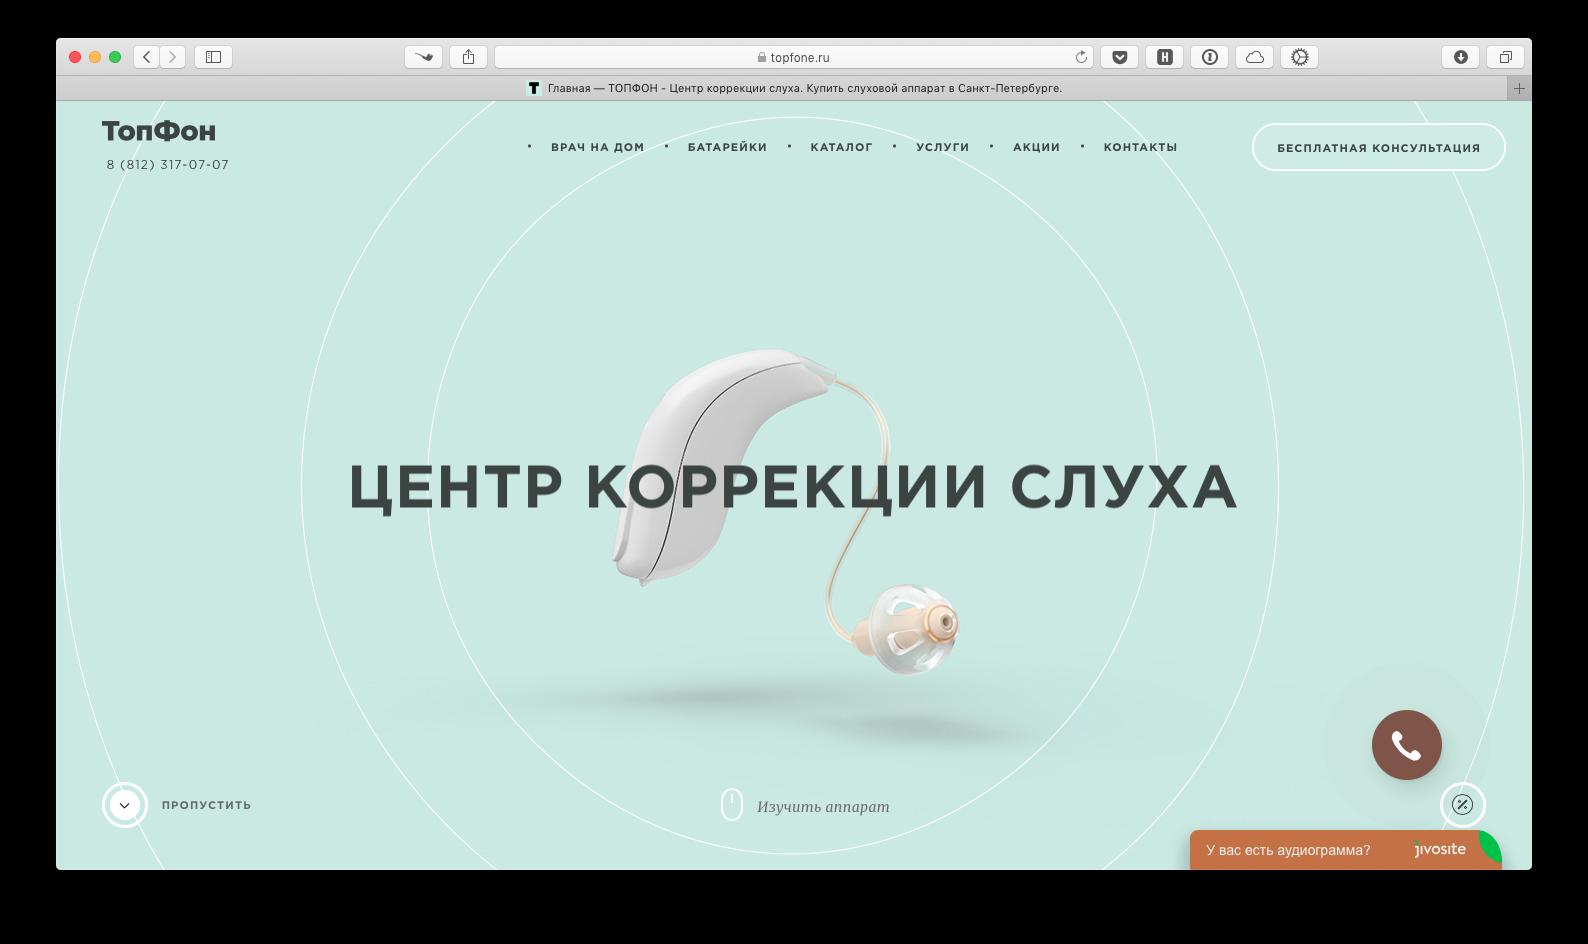 Сайт ТОПФОН — Центр коррекции слуха